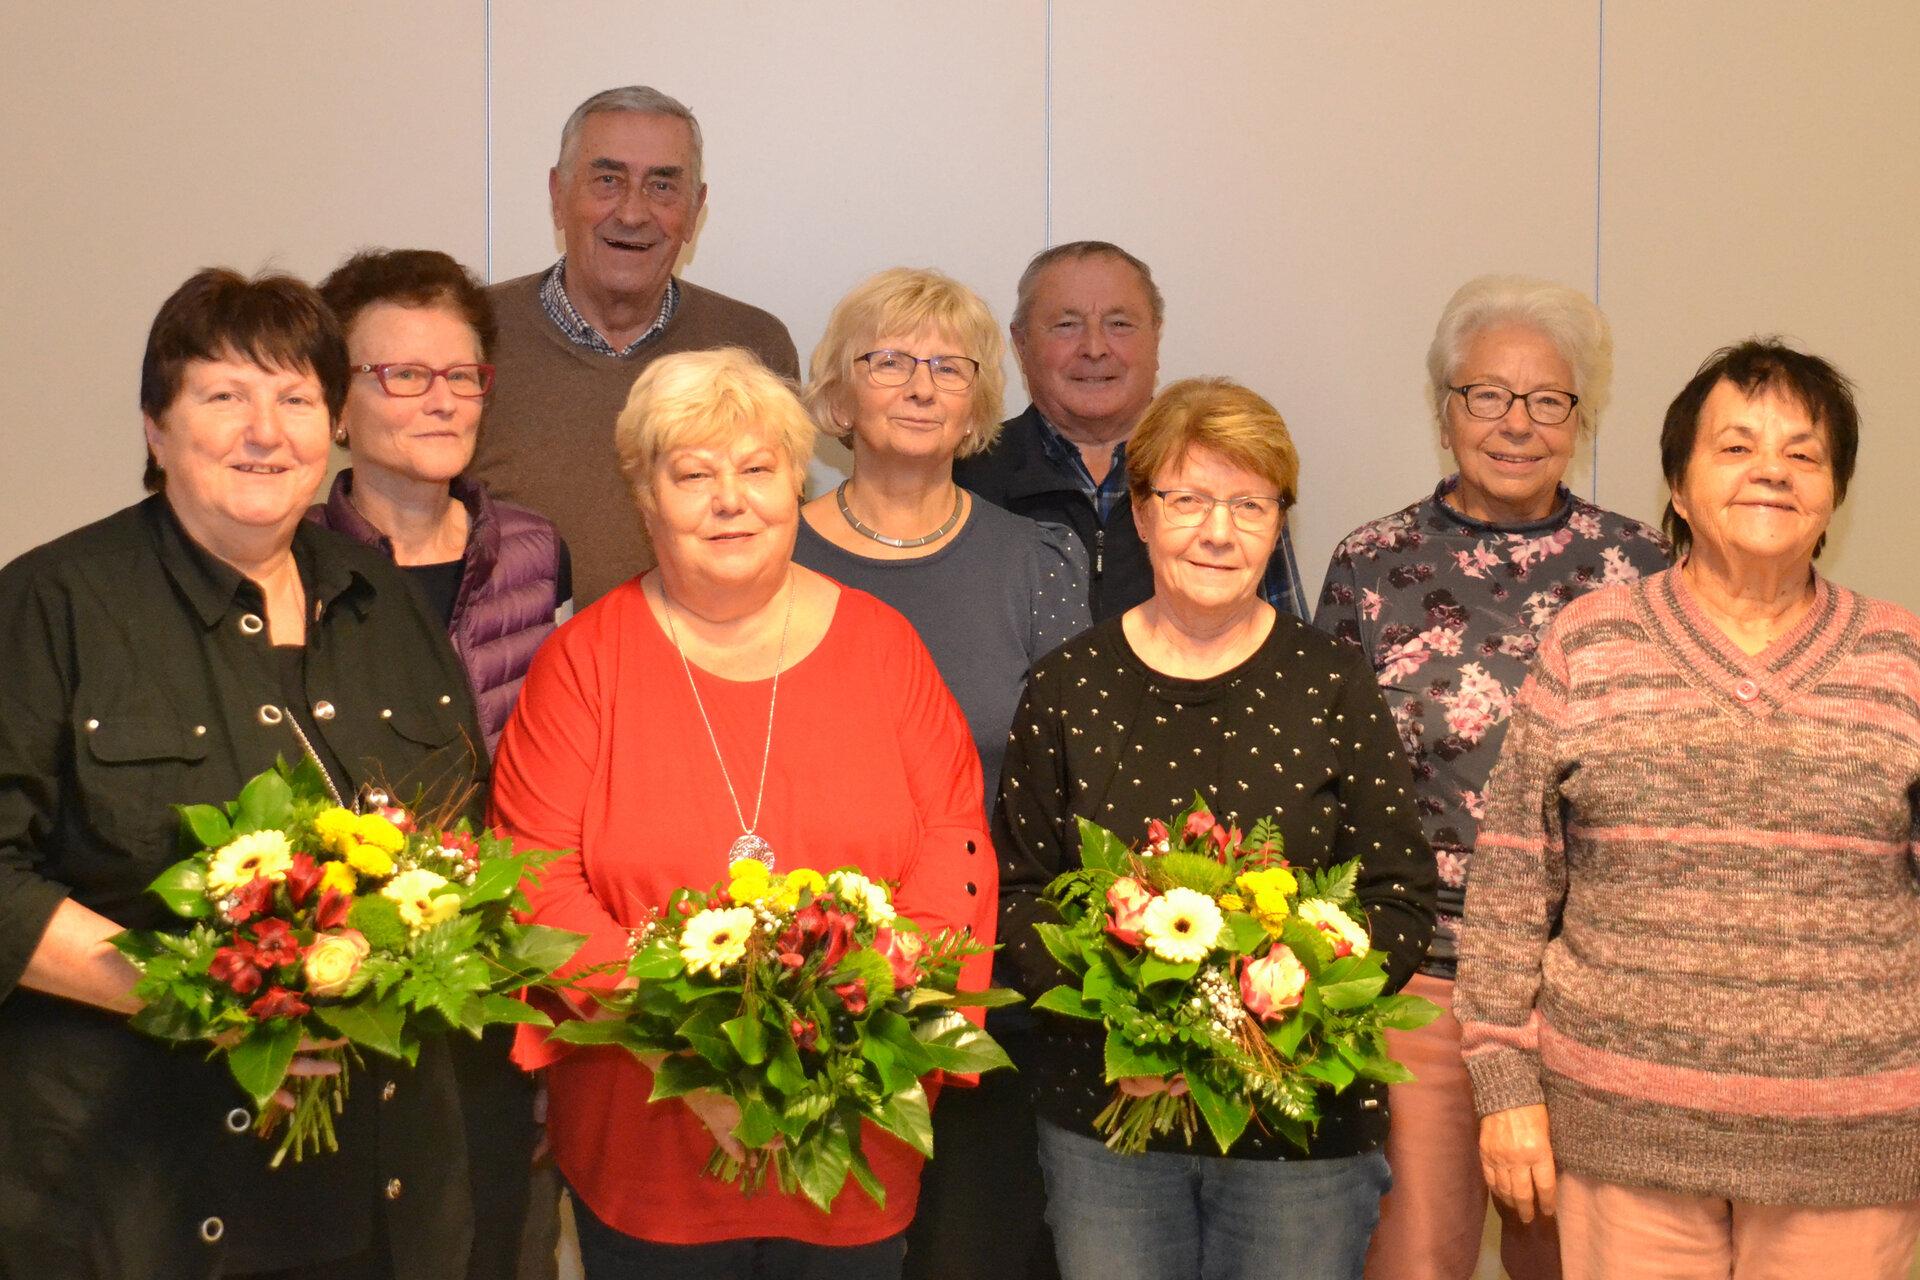 Seniorenbeirat der Stadt Lübbenau/Spreewald, Foto: Stadt Lübbenau/Spreewald